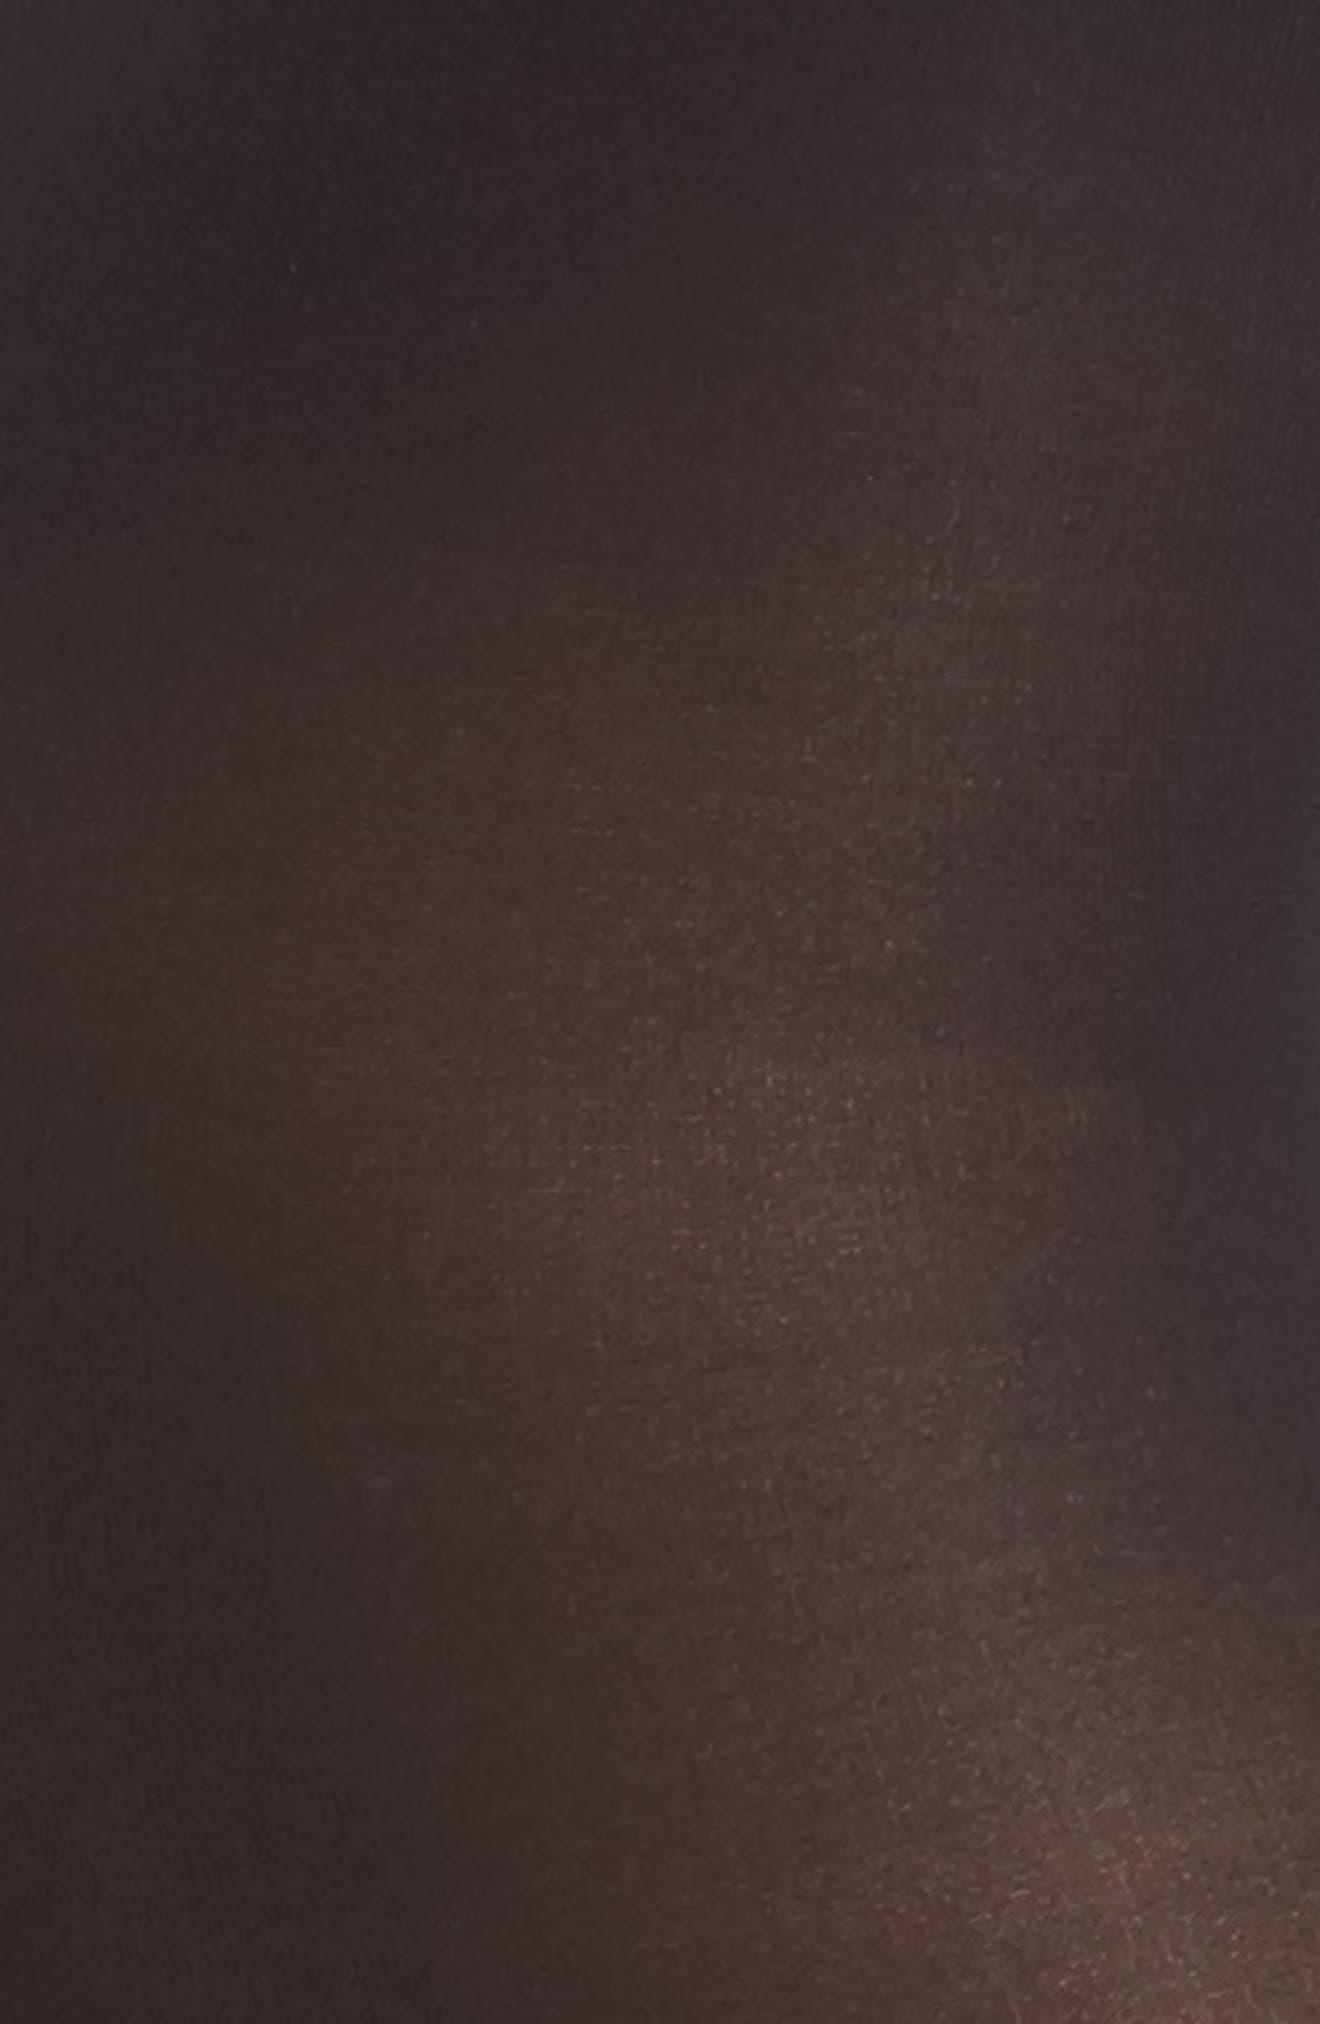 DONNA KARAN NEW YORK, Donna Karan Signature Ultra Sheer Control Top Pantyhose, Alternate thumbnail 2, color, BLACK